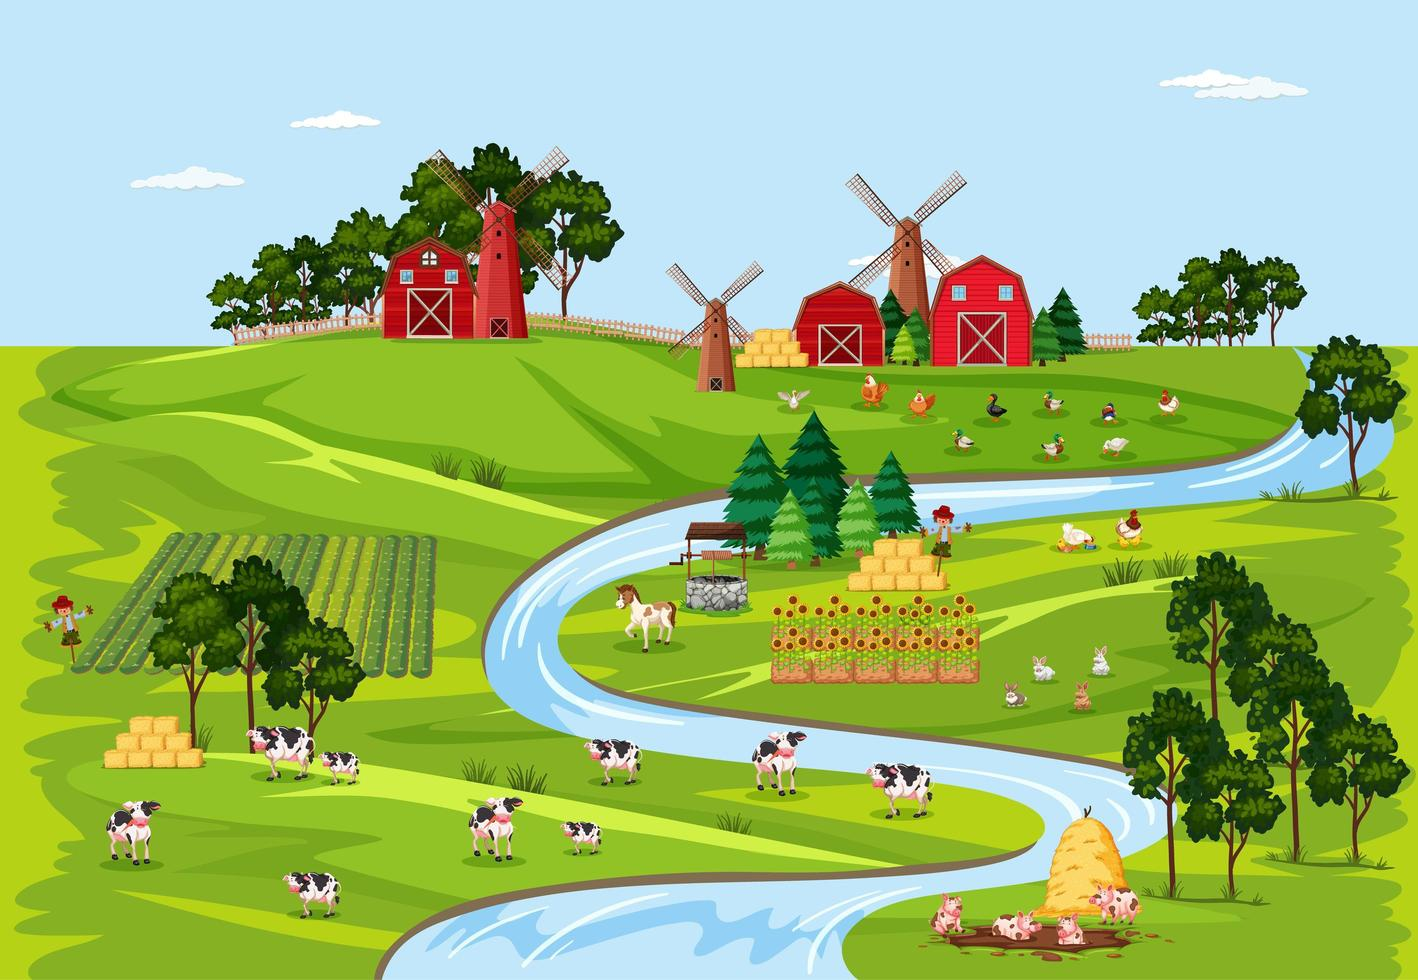 Farm nature with barns landscape scene vector